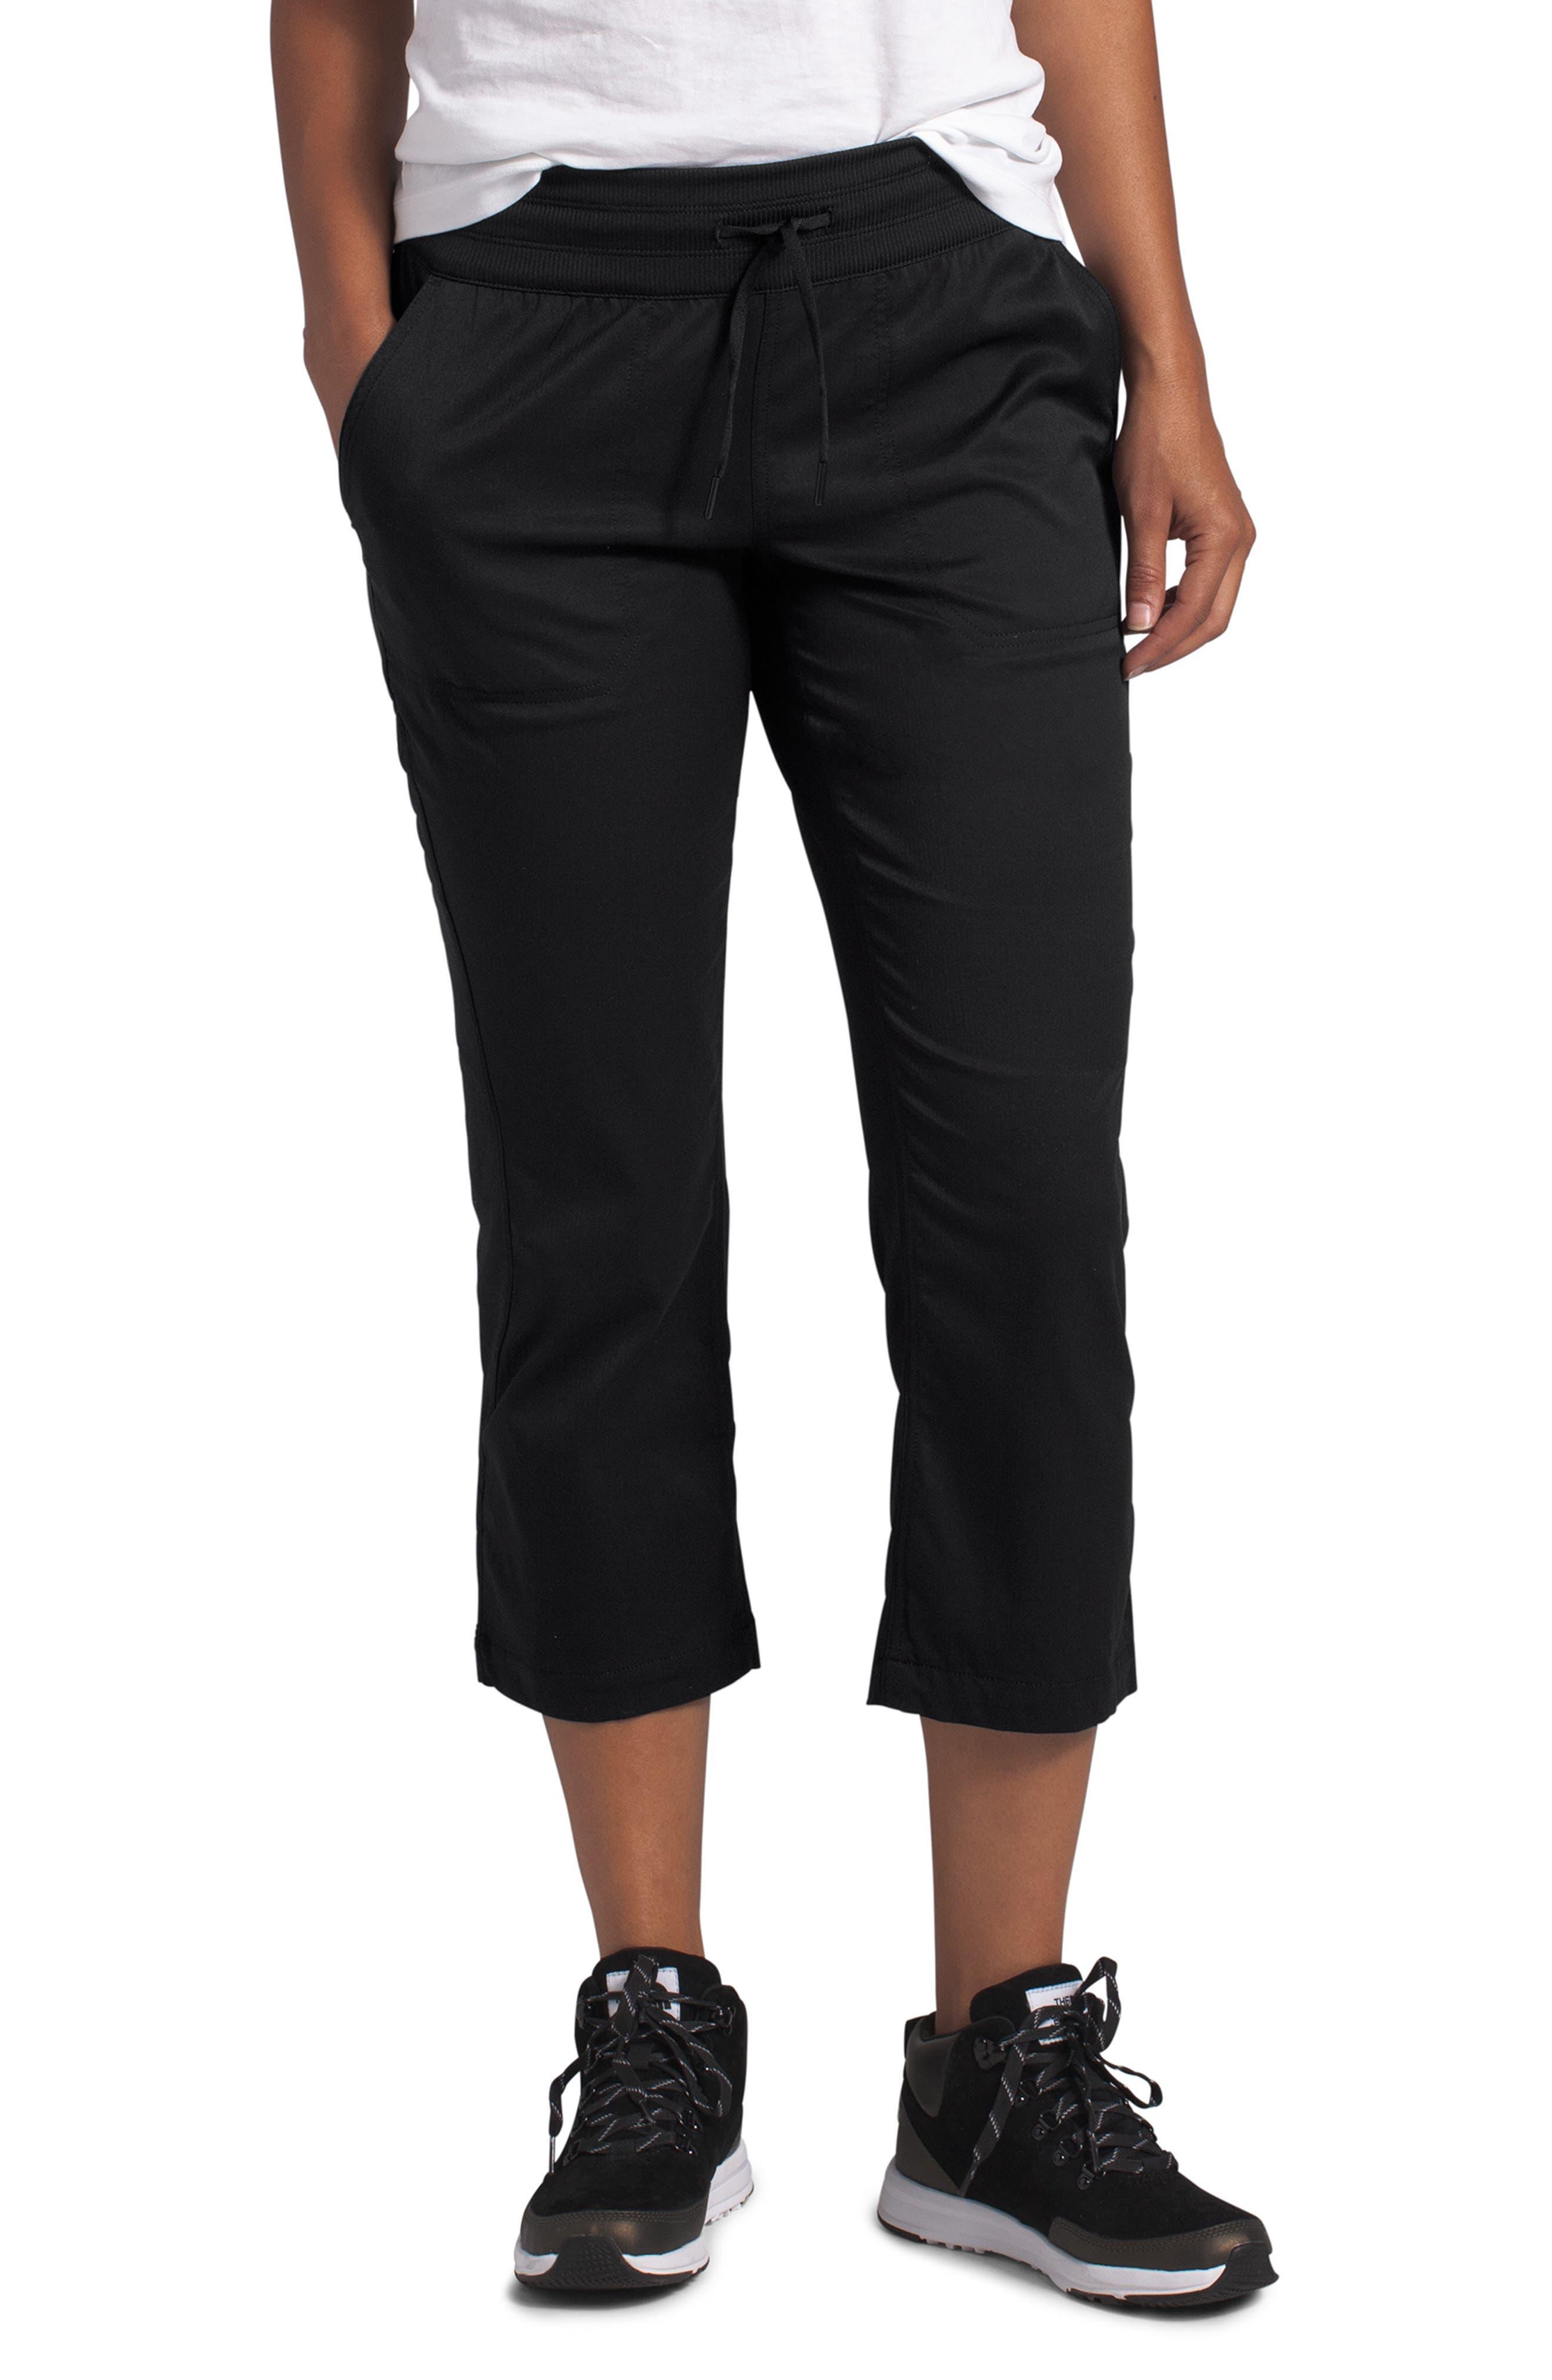 Plus  Women's The North Face Aphrodite Motion Water Repellent Capri Pants,  1X - Black